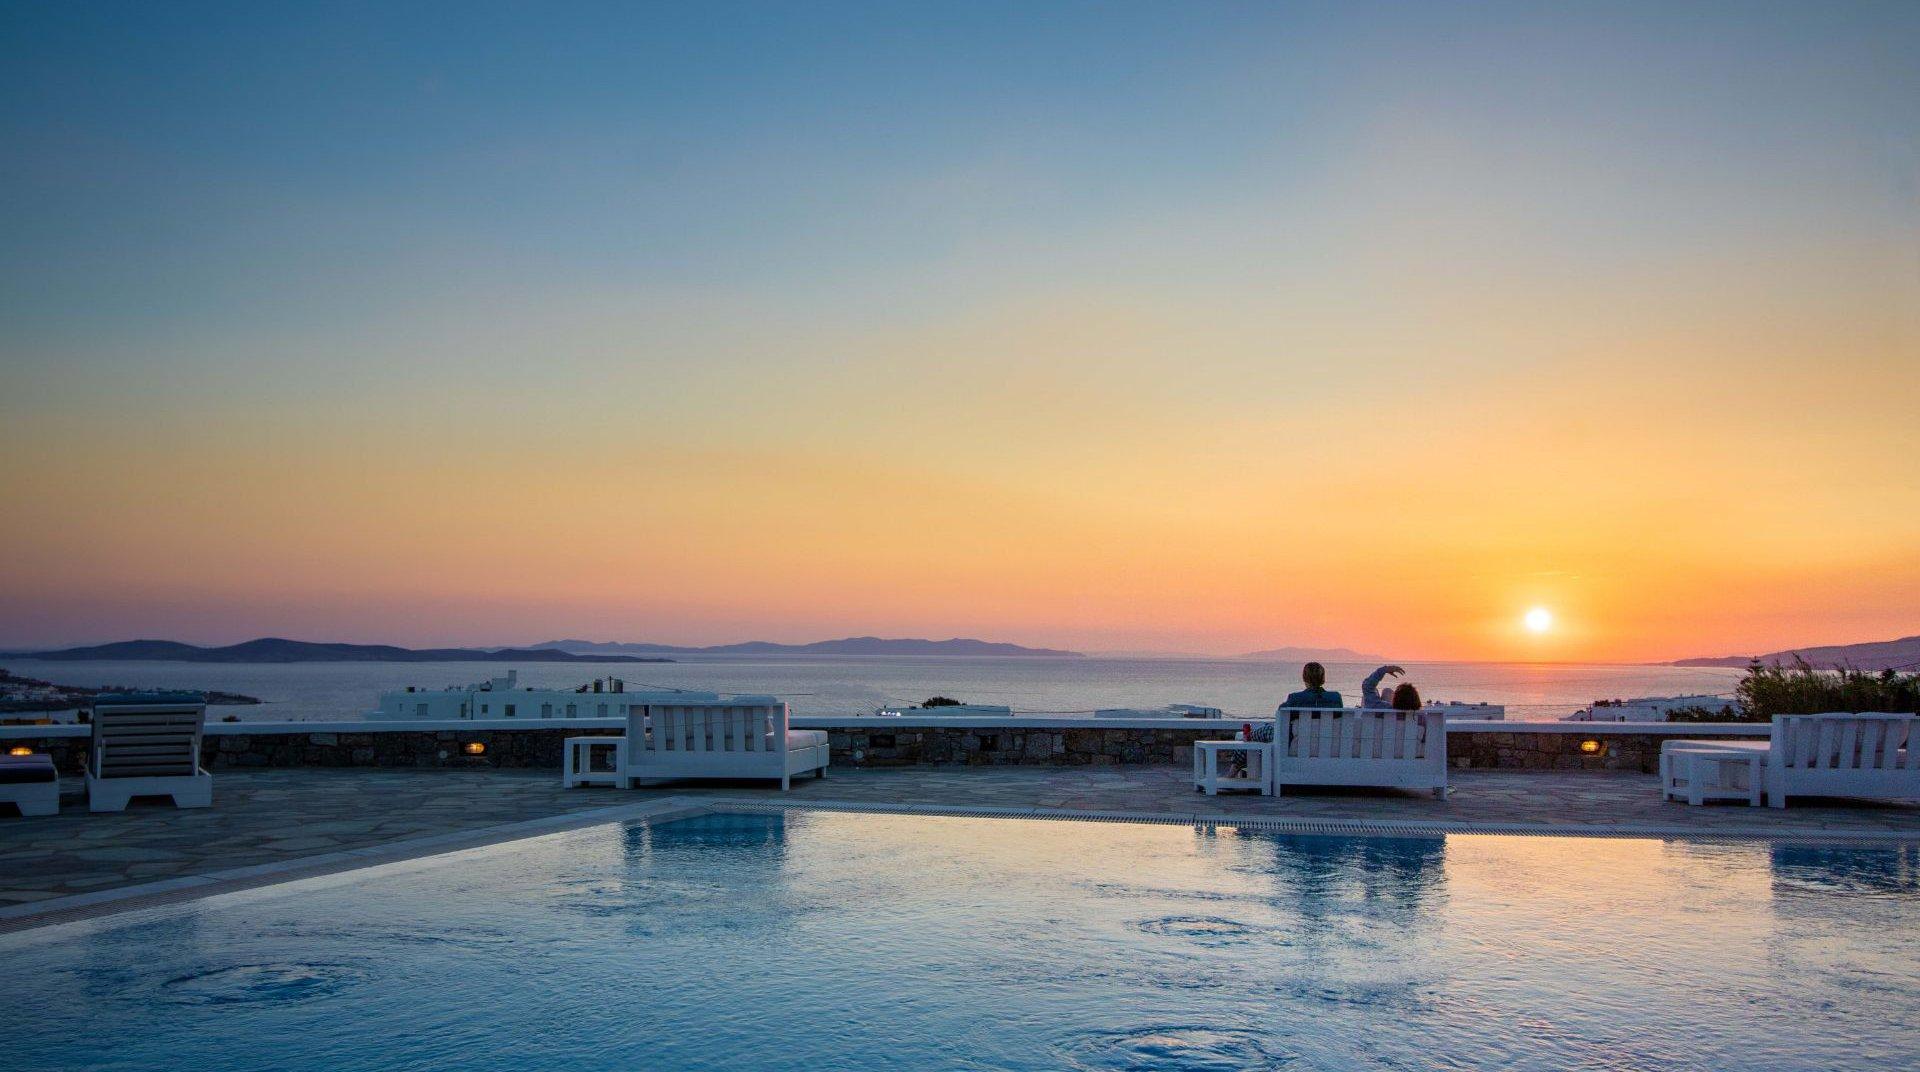 Το Sunset Wing με τα εξωτερικά κρεβάτια, την πισίνα και ένα ζευγάρι να απολαμβάνει το ηλιοβασίλεμα